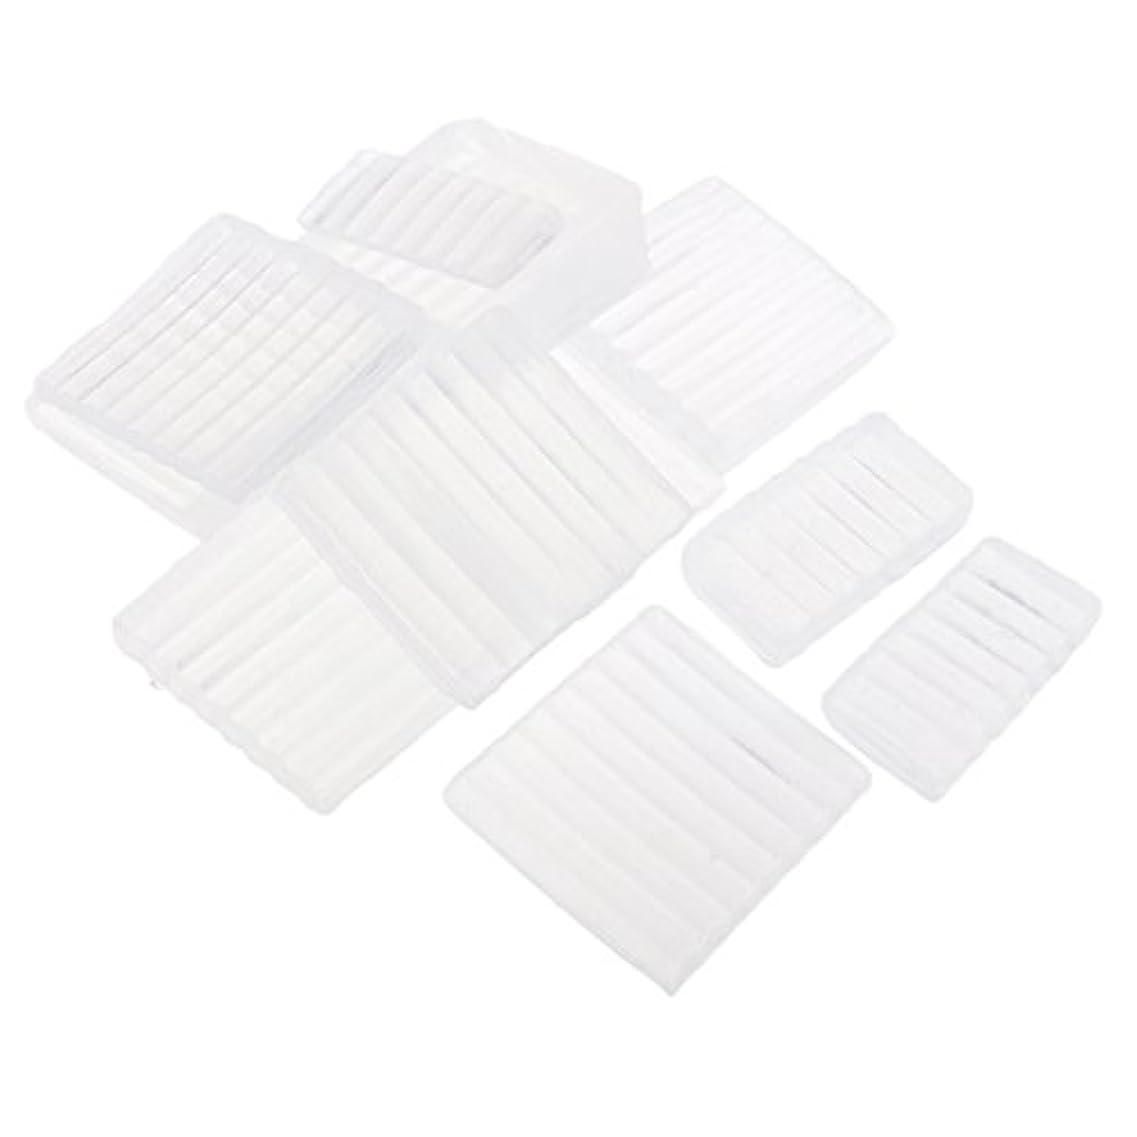 配分ニュージーランド面積ホワイト 透明 石鹸ベース DIY 手作り 石鹸 材料 約500g